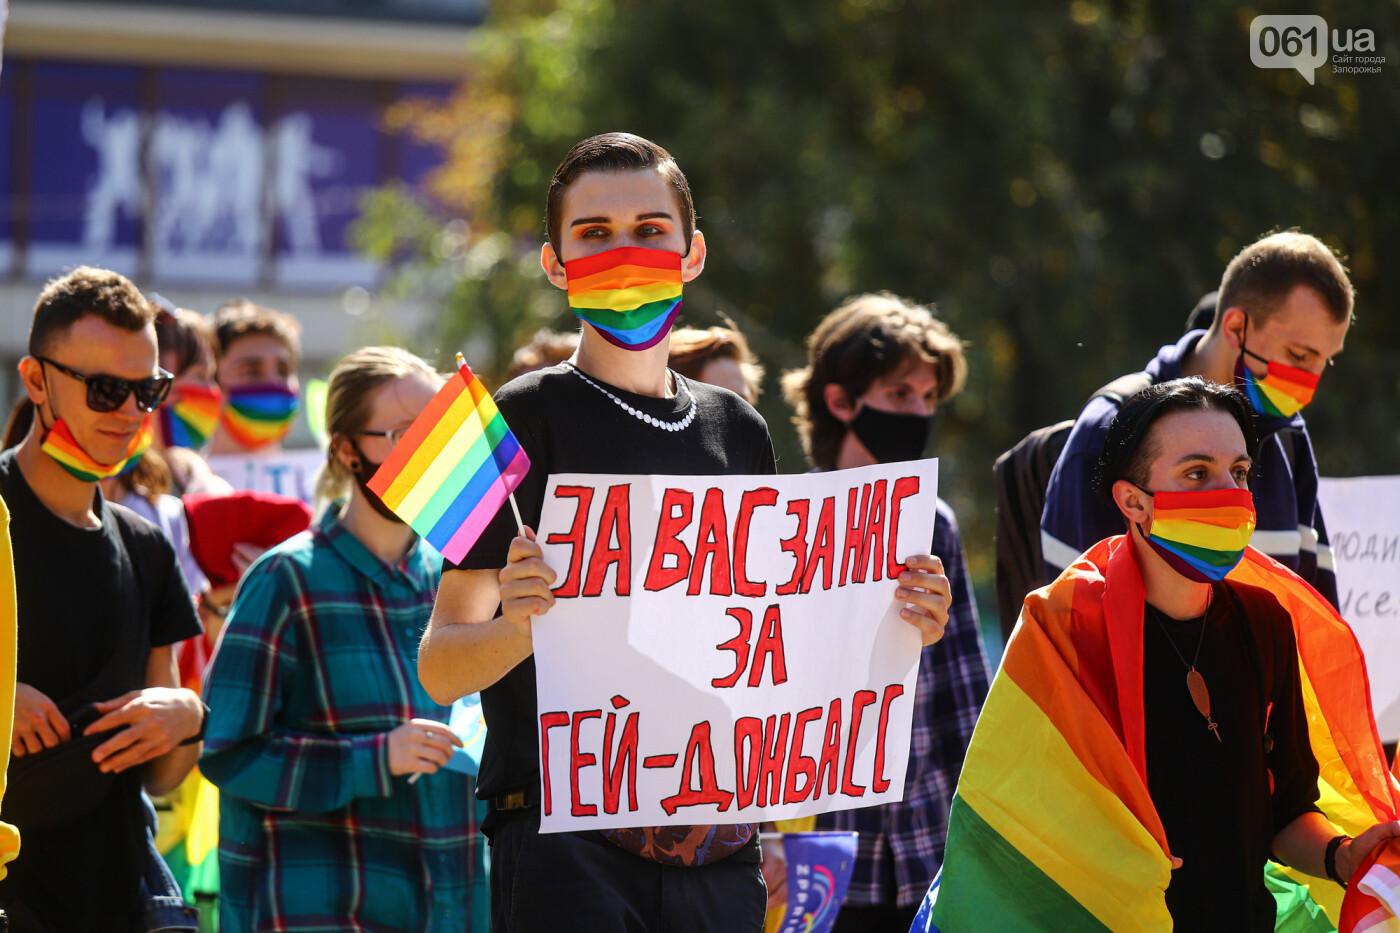 ЛГБТ-прайд, эко-митинг и восстановленные скульптуры в сквере Пионеров: сентябрь в фотографиях , фото-107